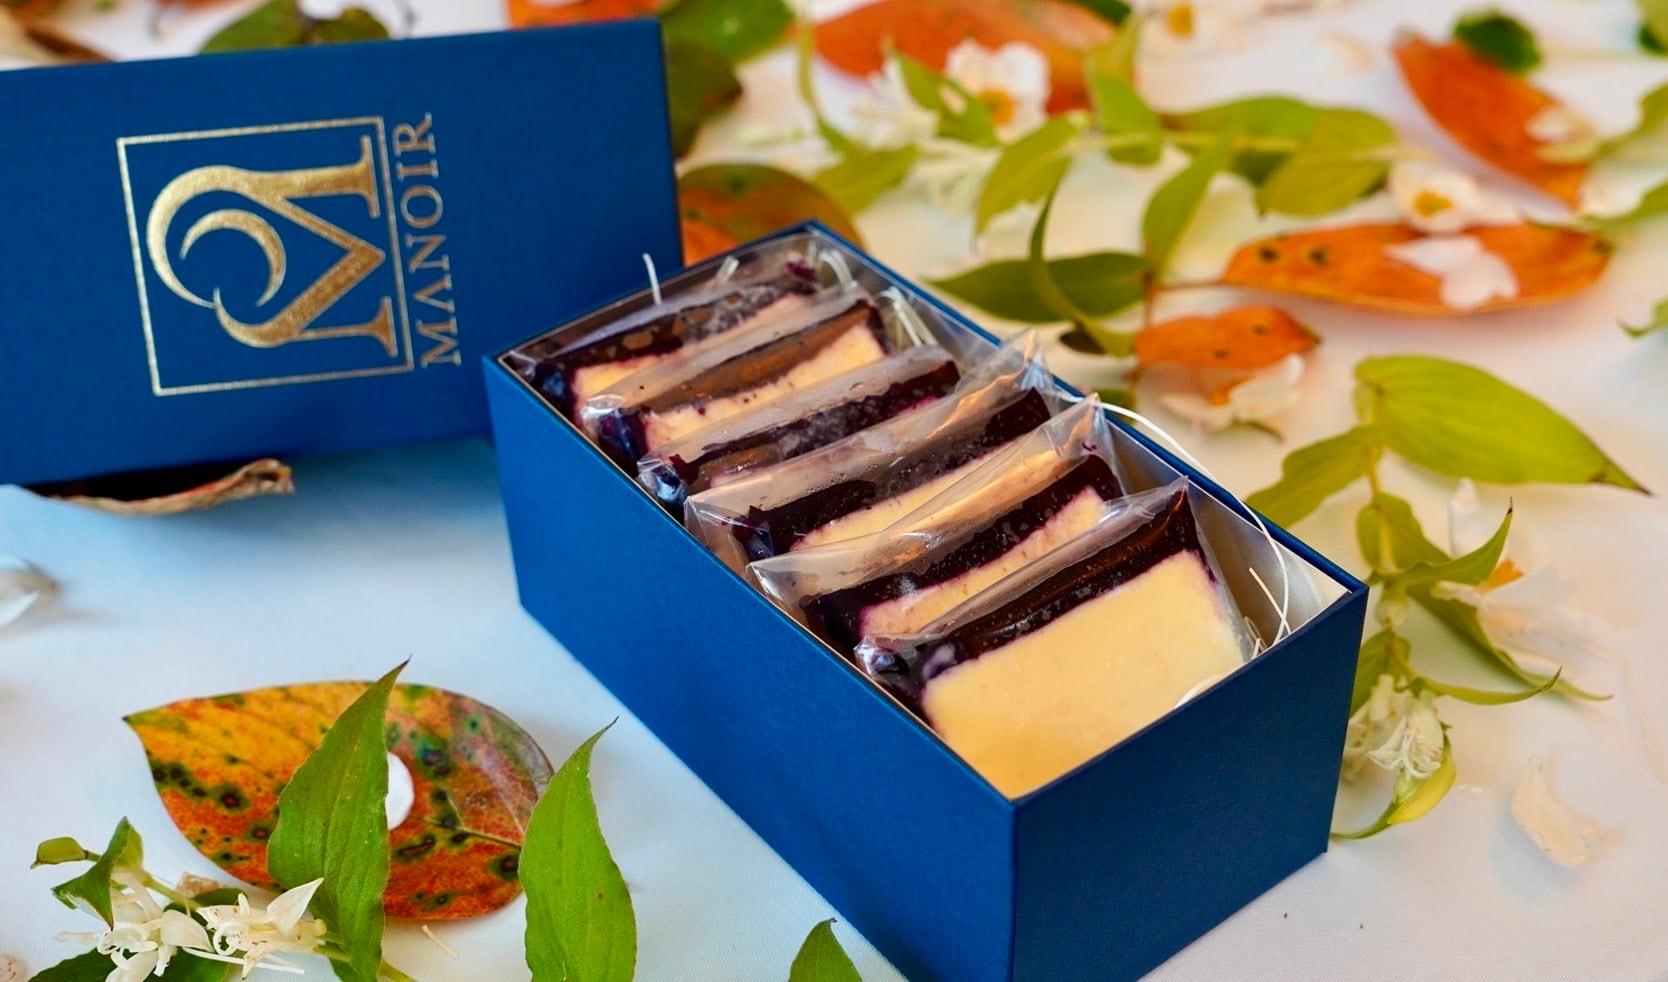 北海道白糠町の赤紫蘇ブルーベリーチーズケーキ 6枚入りセット